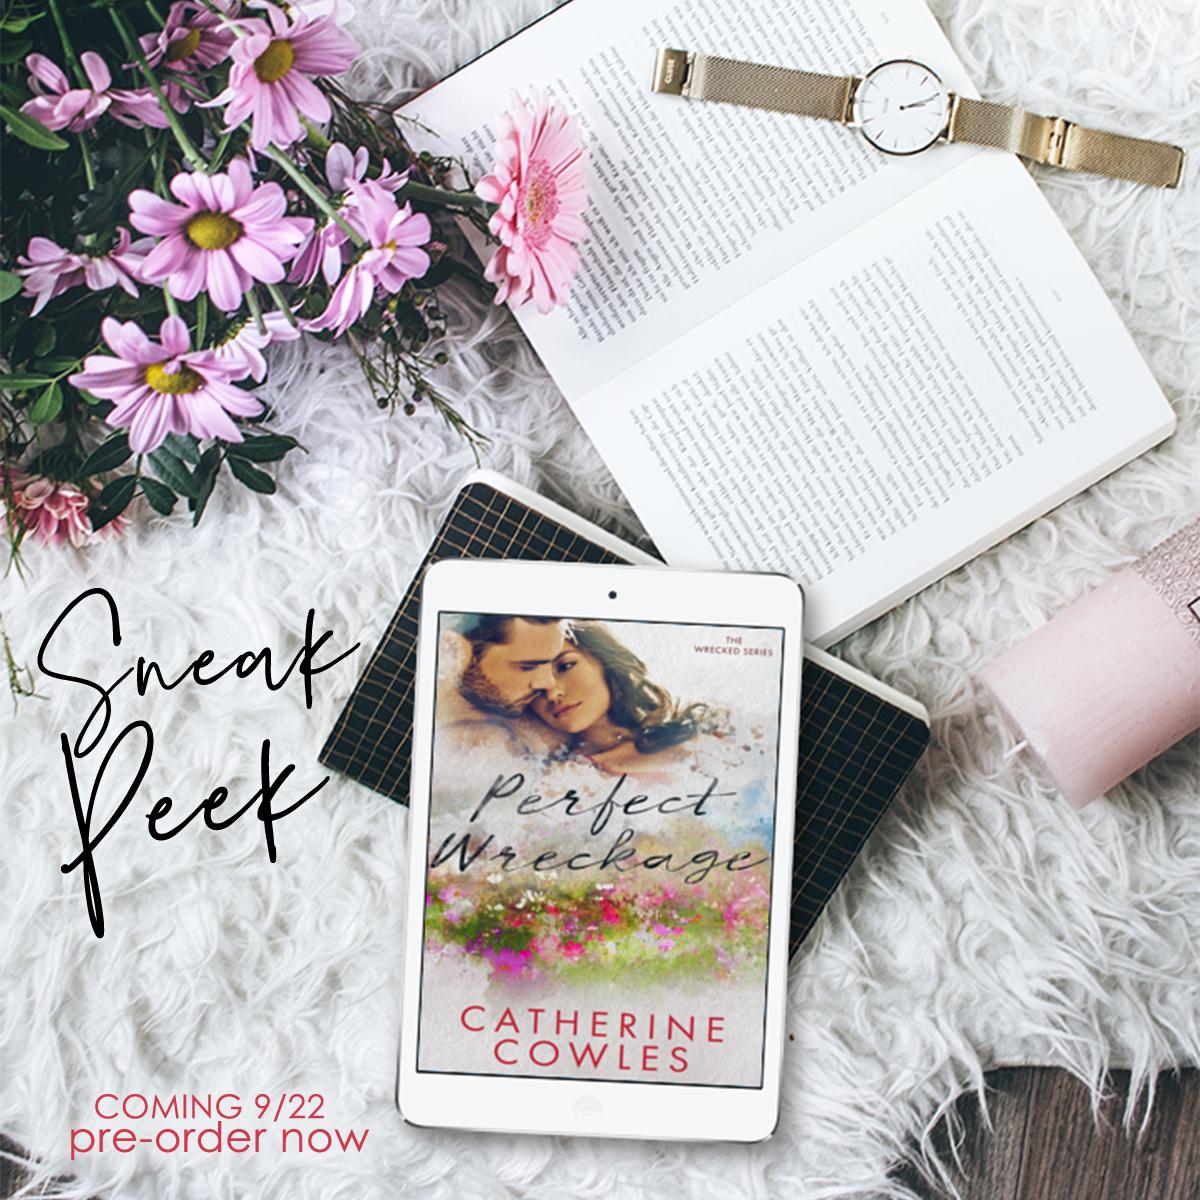 Sneak Peek - Perfect Wreckage by Catherine Cowles